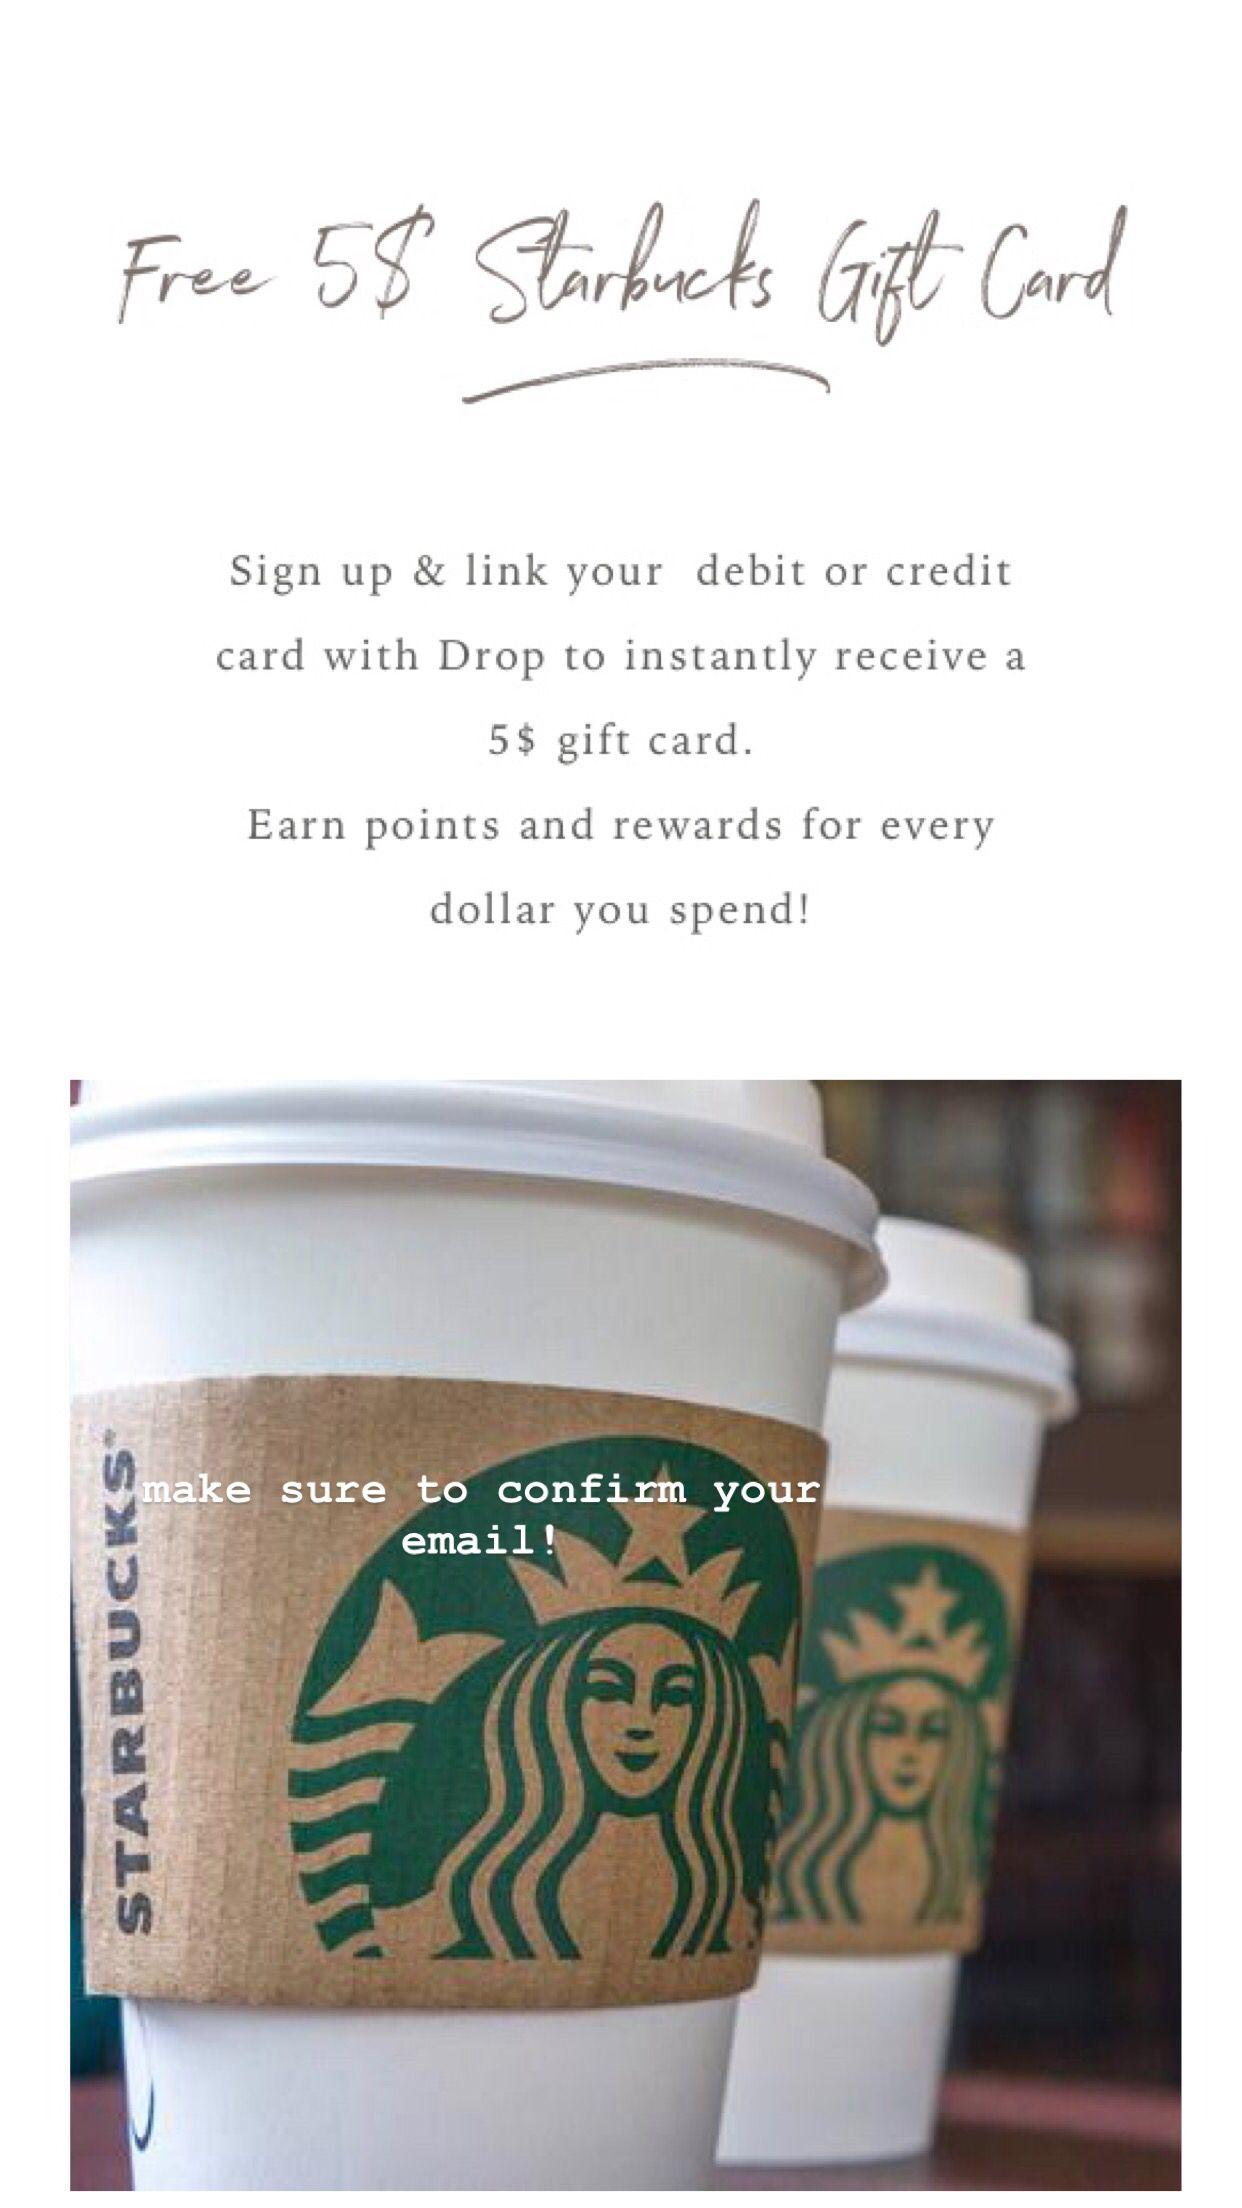 Free 5 starbucks gift card starbucks gift card gift